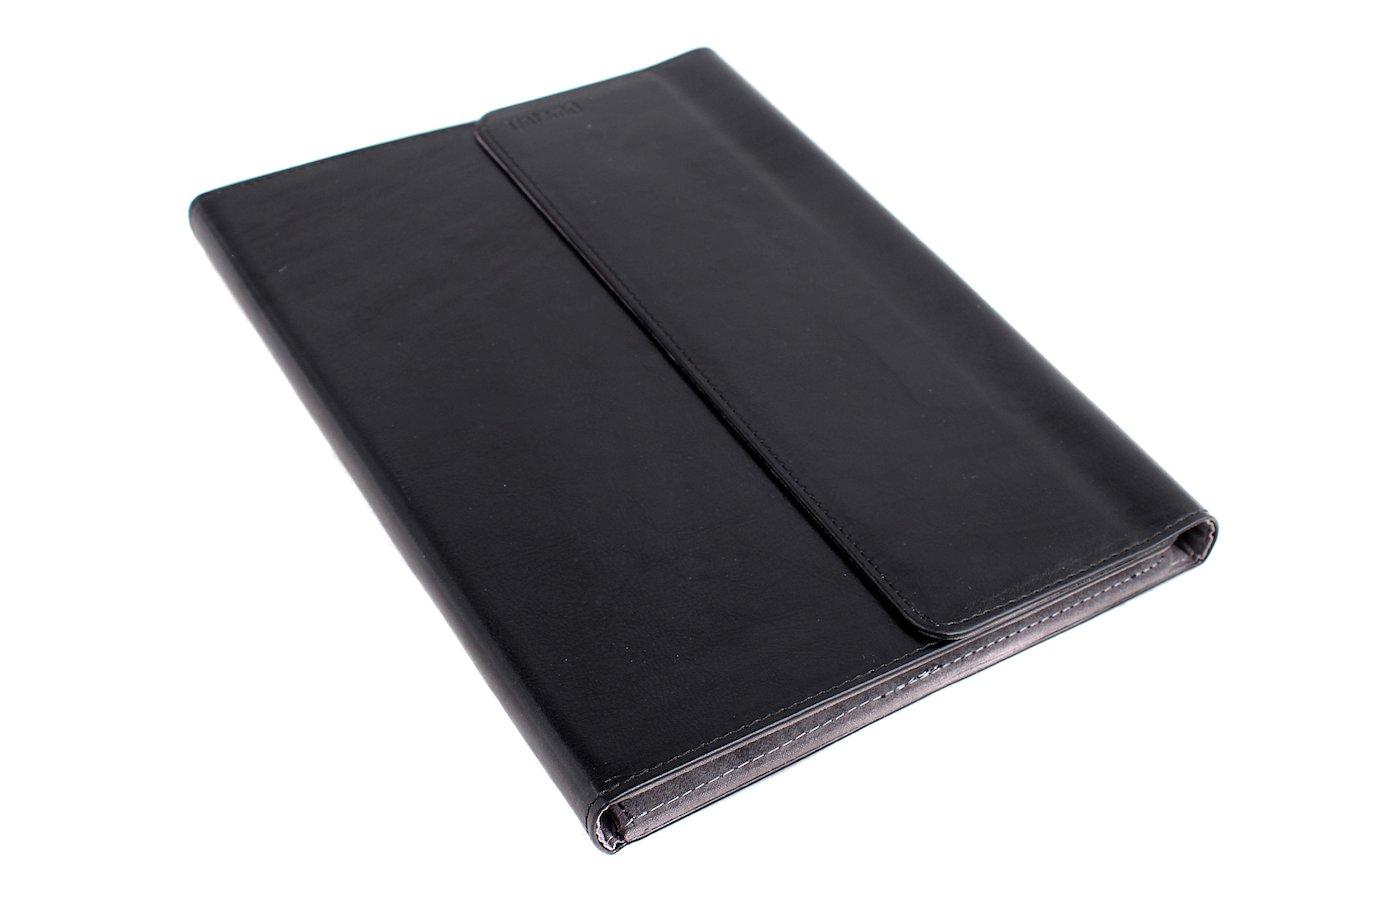 Клавиатура для планшетного ПК UNTAMO 10 c Bluetooth клавиатурой черный